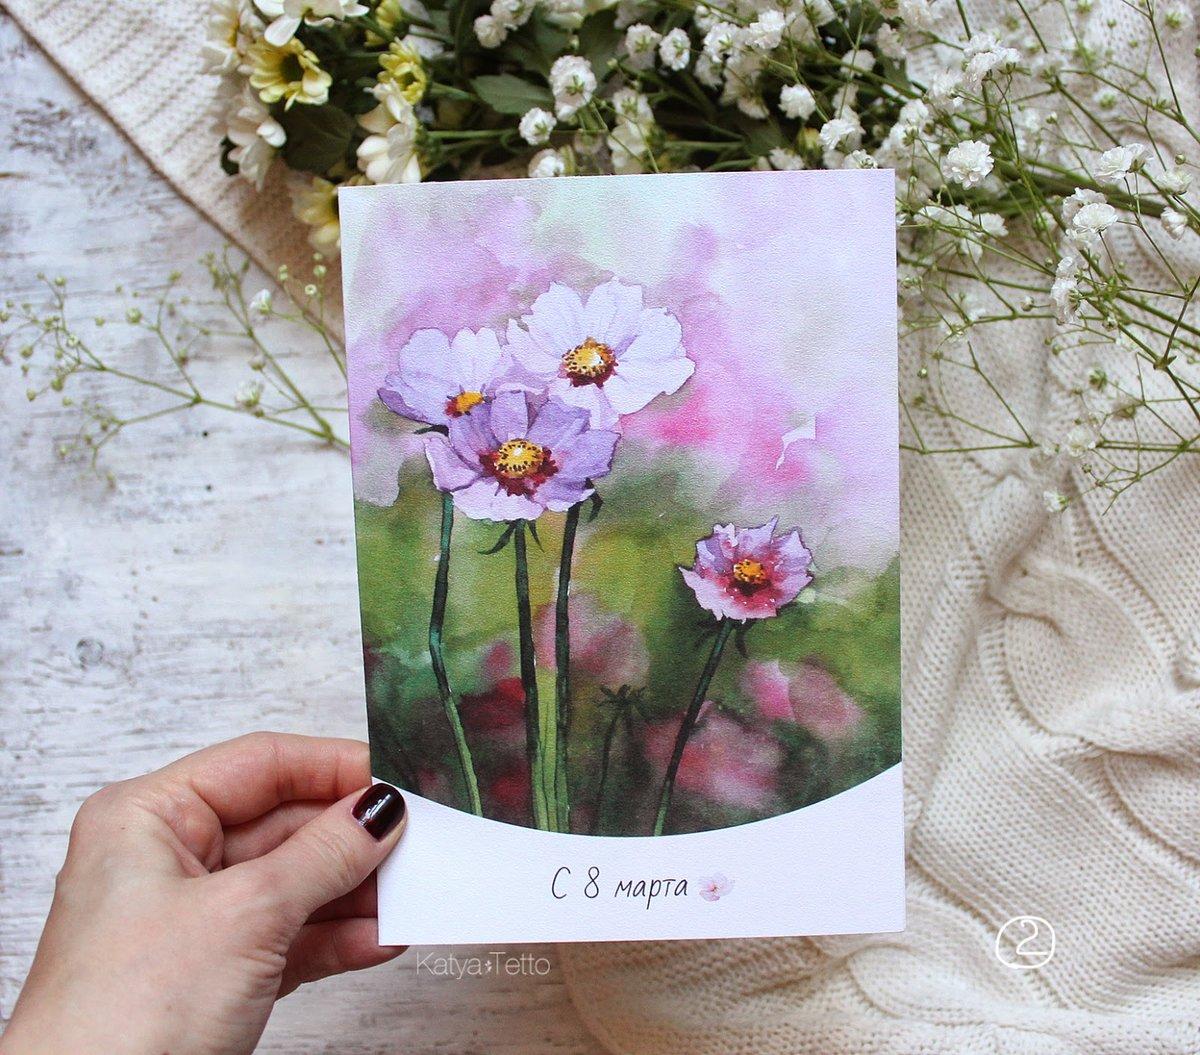 Аистом, открытки на 8 марта своими руками нарисованные акварелью